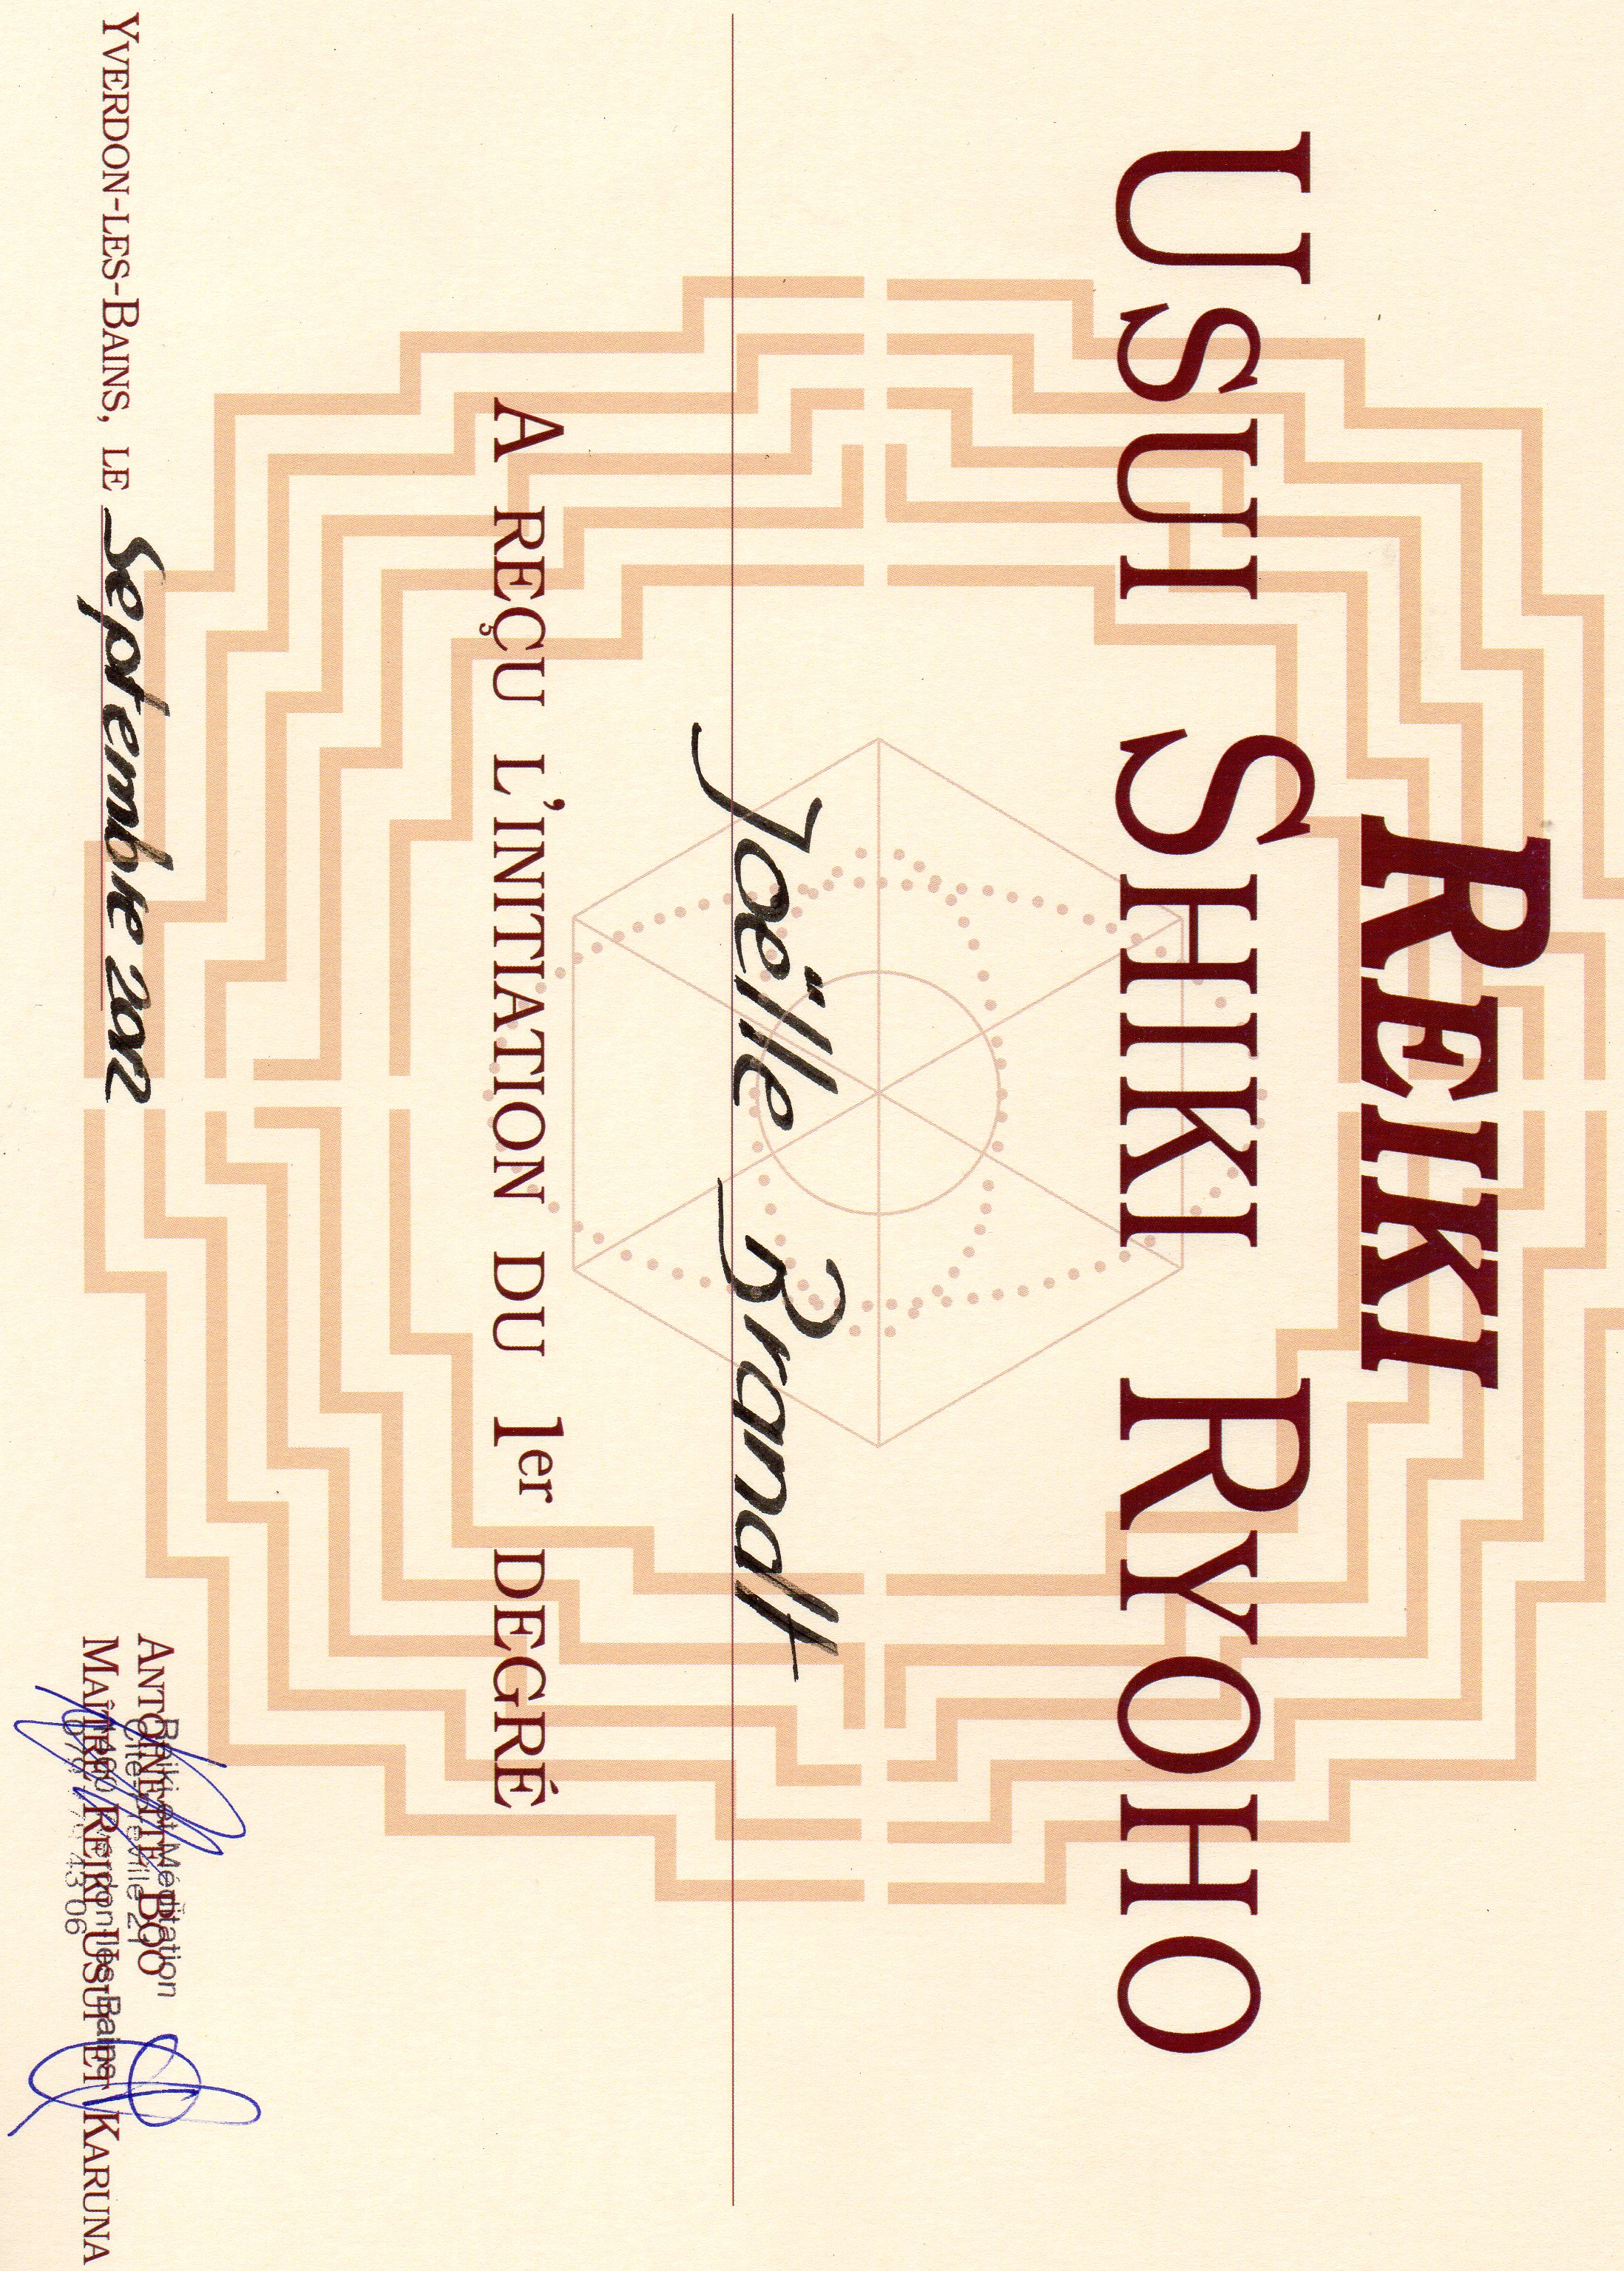 Reiki Usui 1er degré